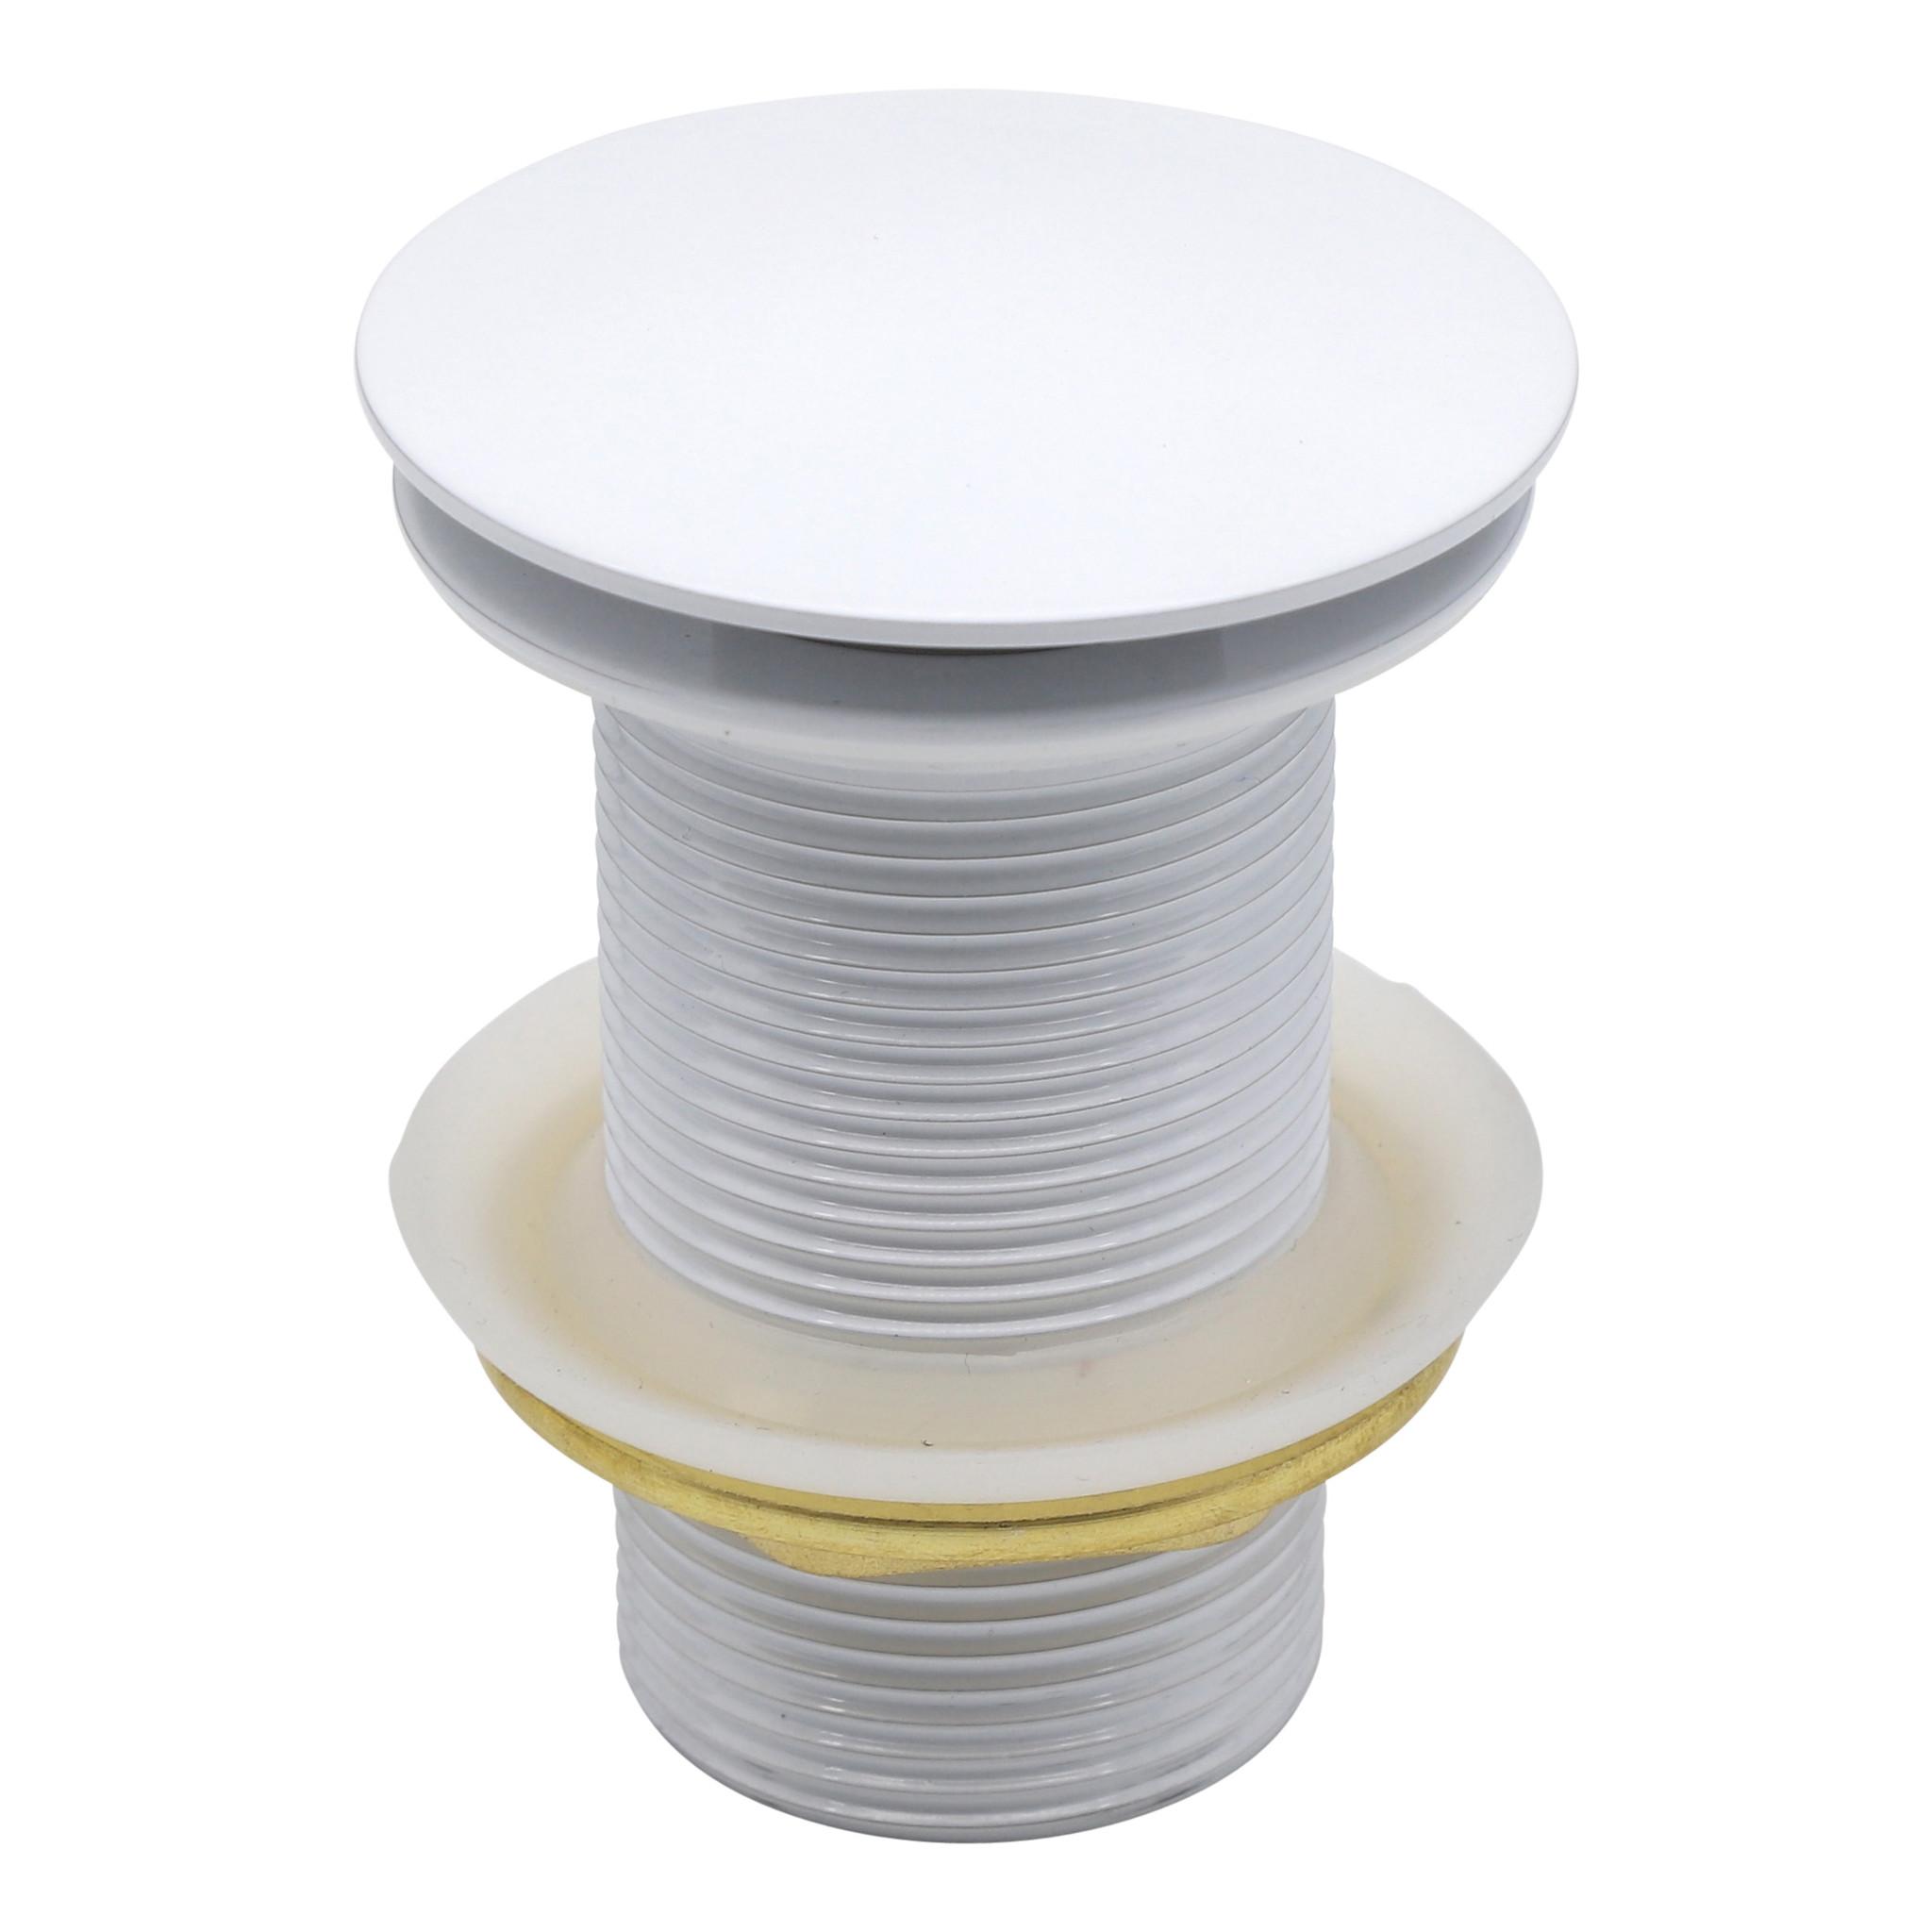 Indomarmer Pop-Up Ablaufventil mit langem Schaft 9 cm Weiß